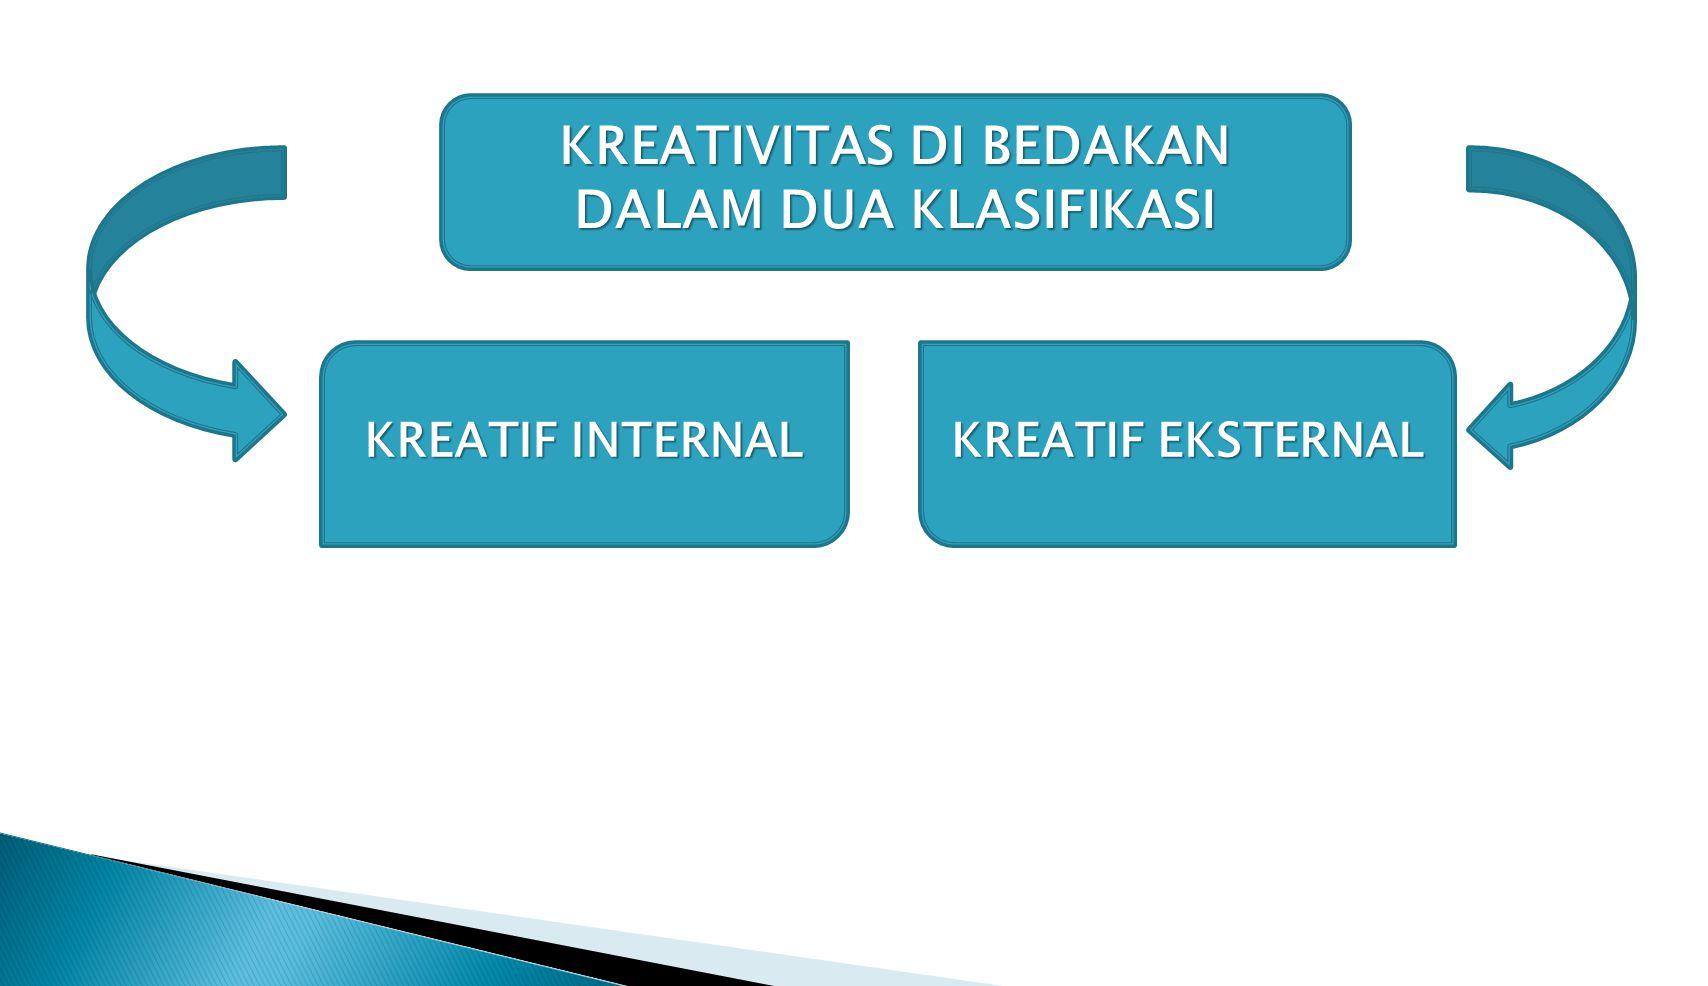 KREATIF INTERNAL KREATIF EKSTERNAL KREATIVITAS DI BEDAKAN DALAM DUA KLASIFIKASI